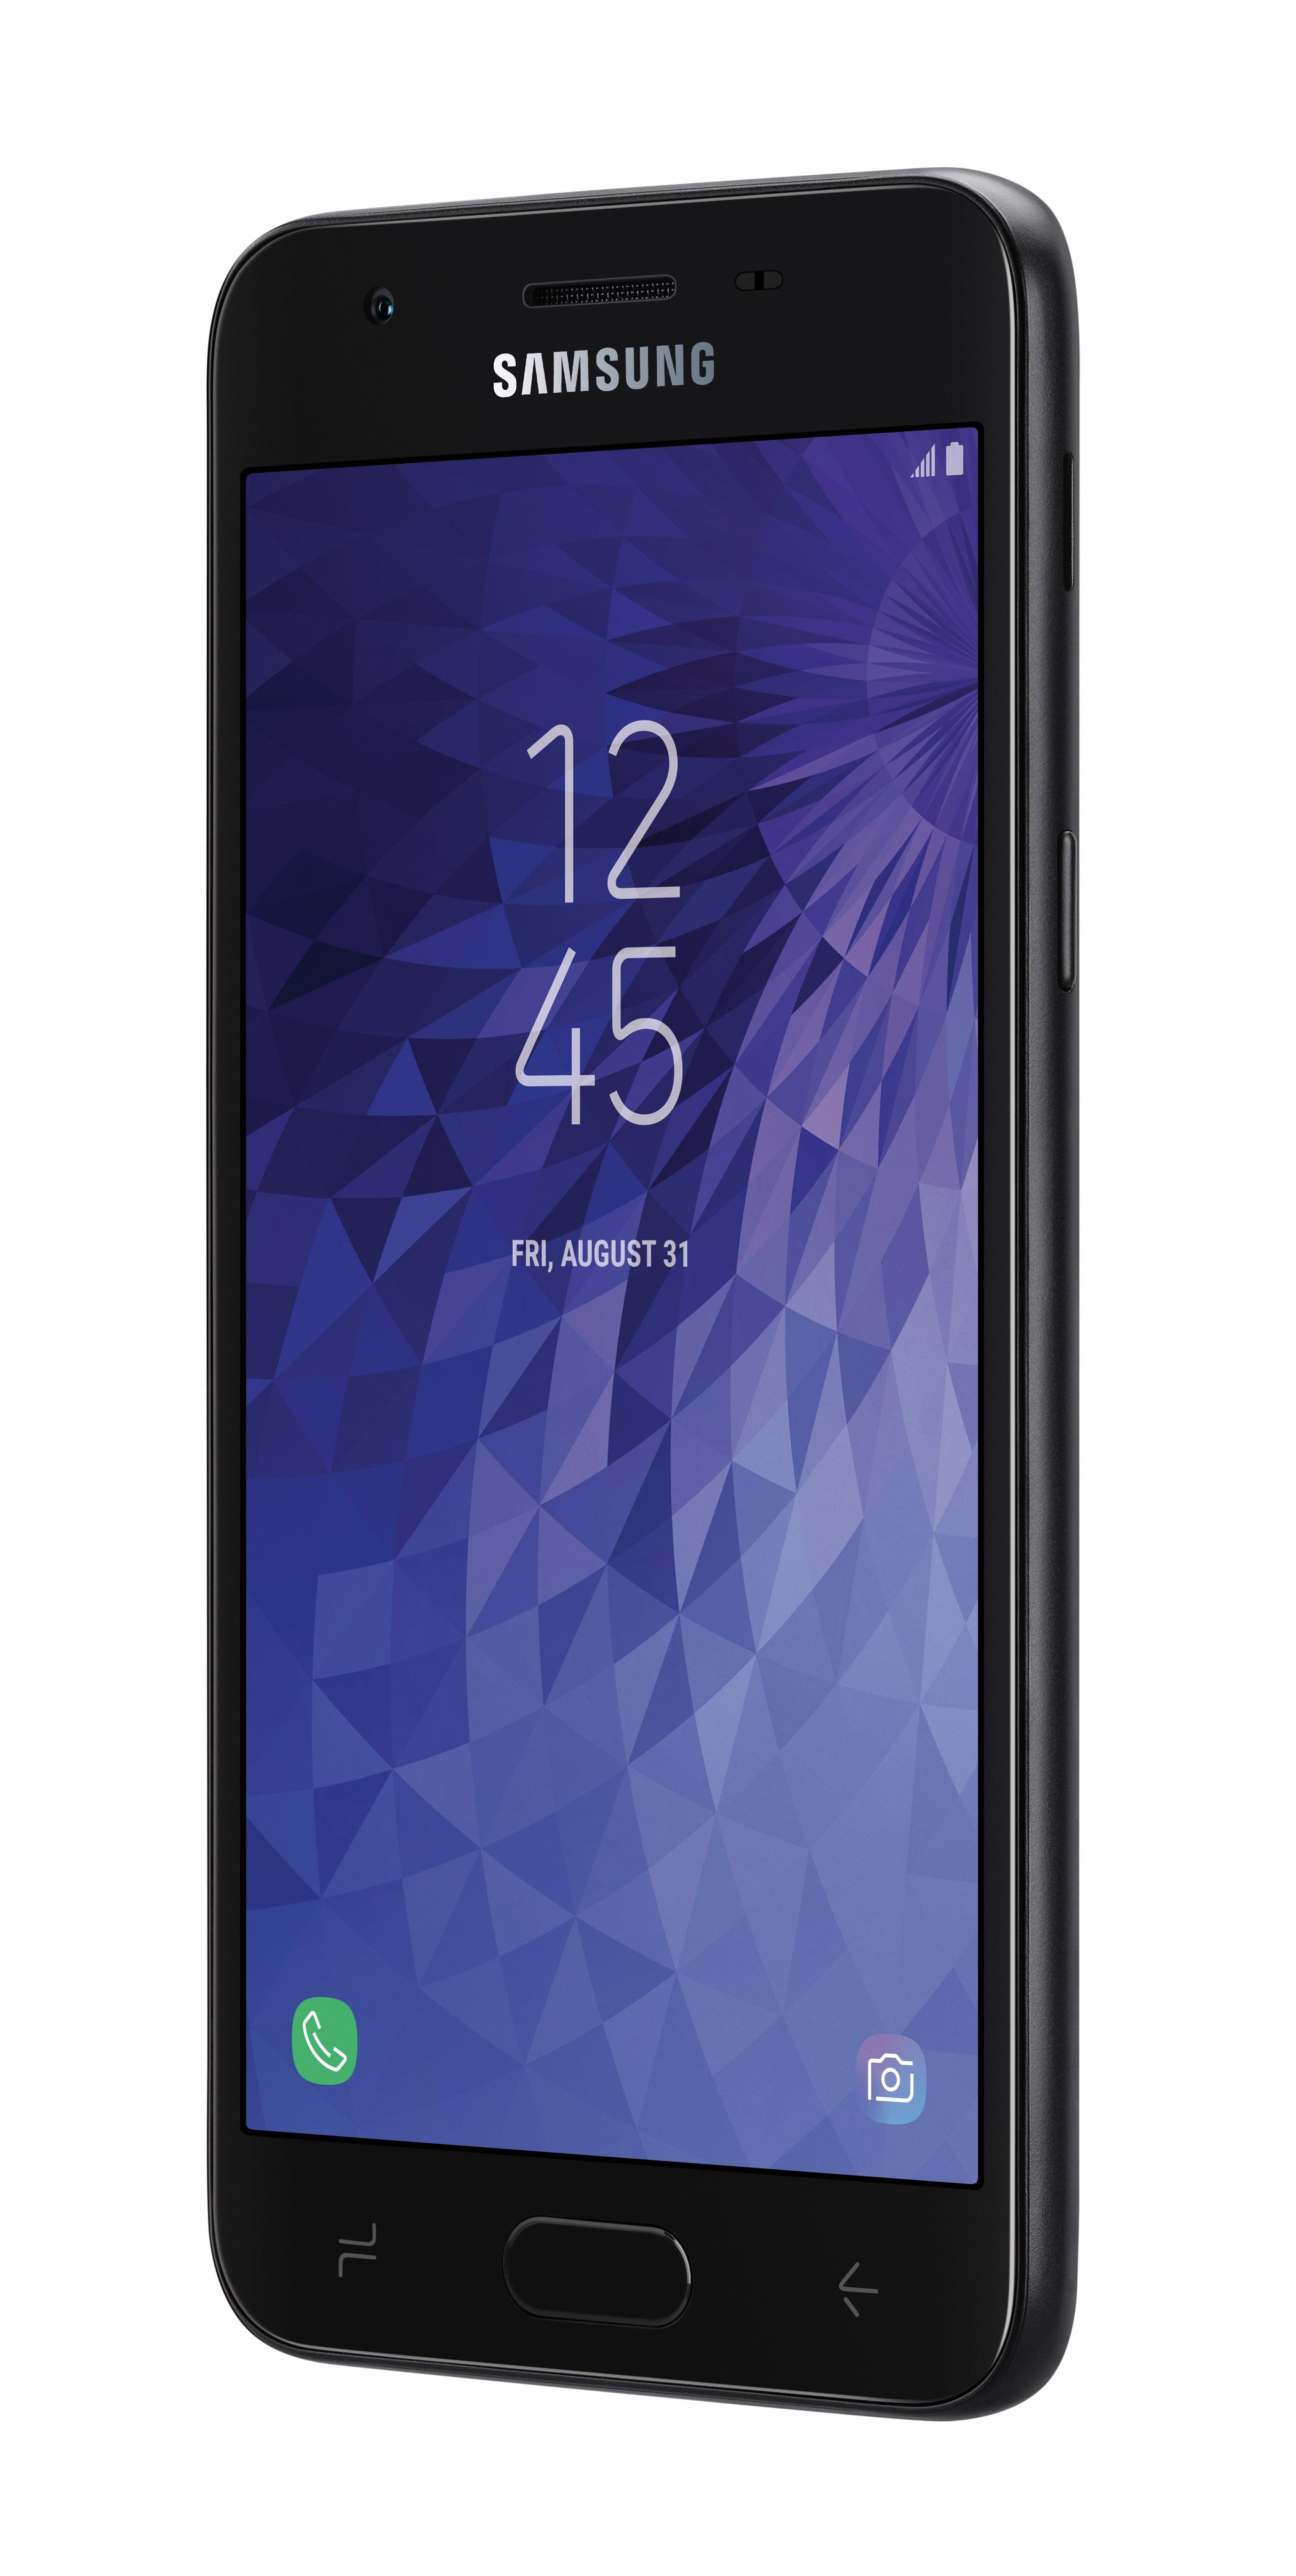 Samsung Galaxy J3 TOP 16GB, Black